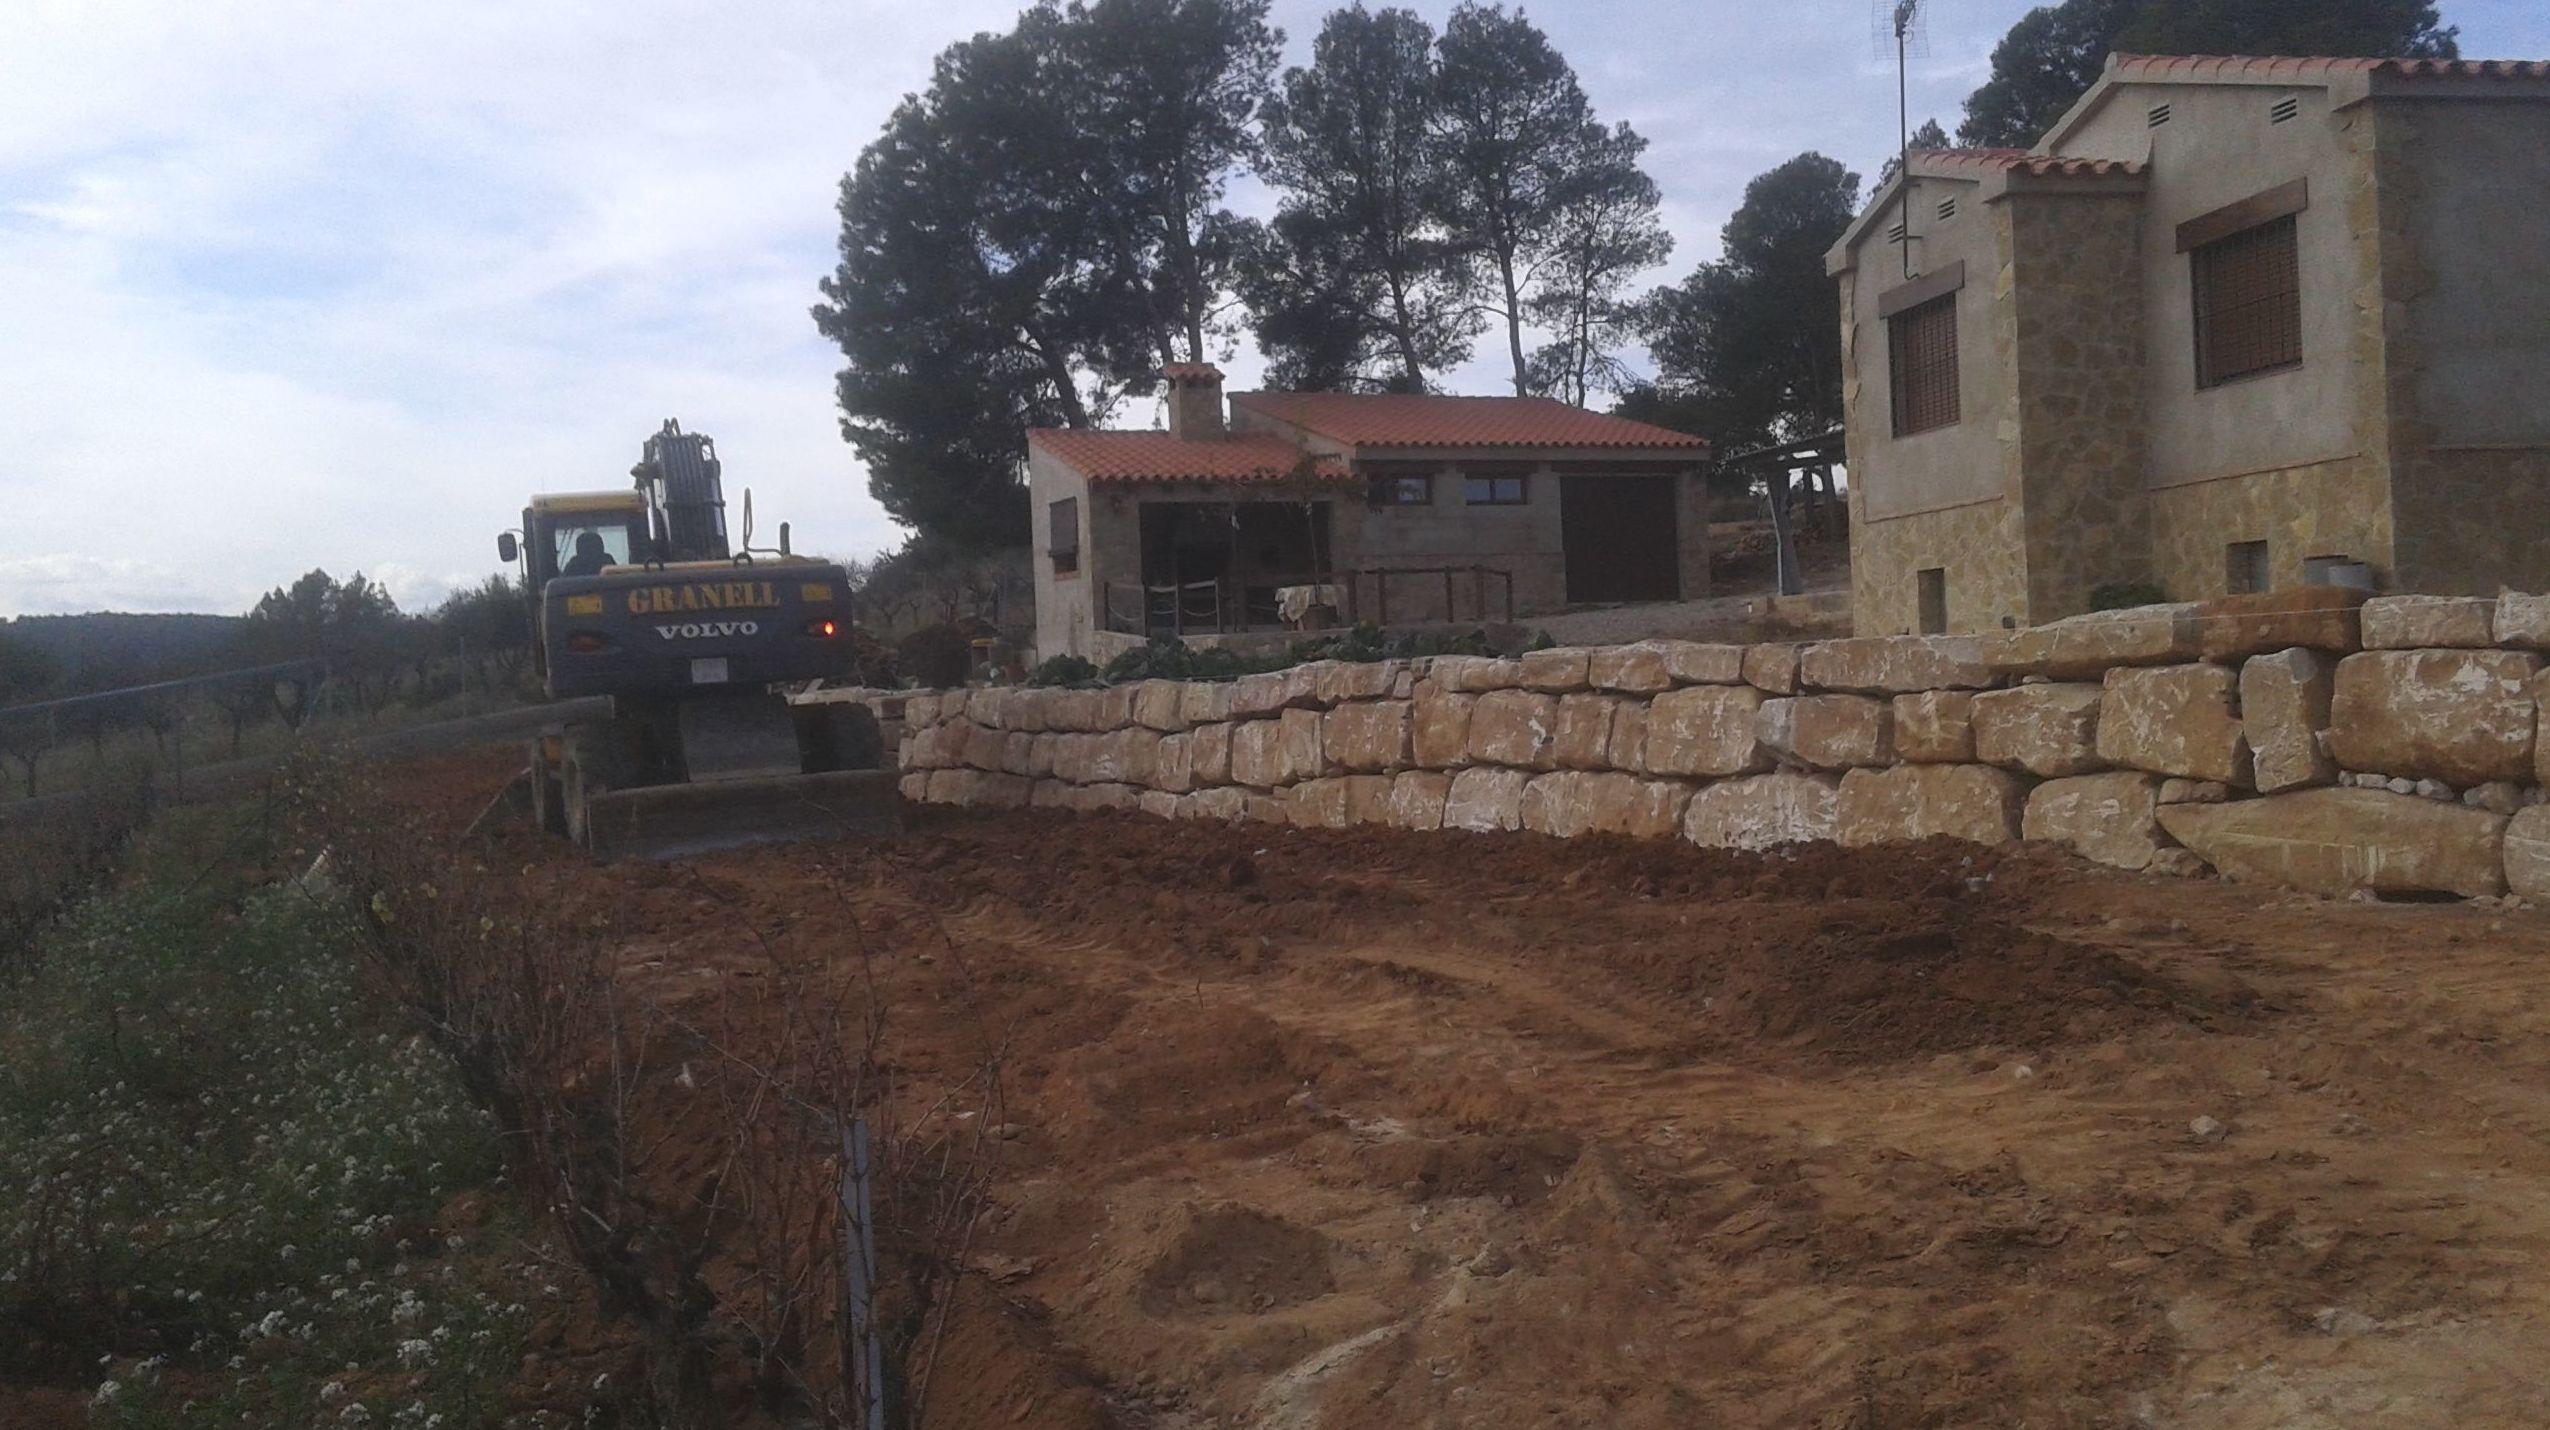 Alquiler de maquinaria pesada en Castellón